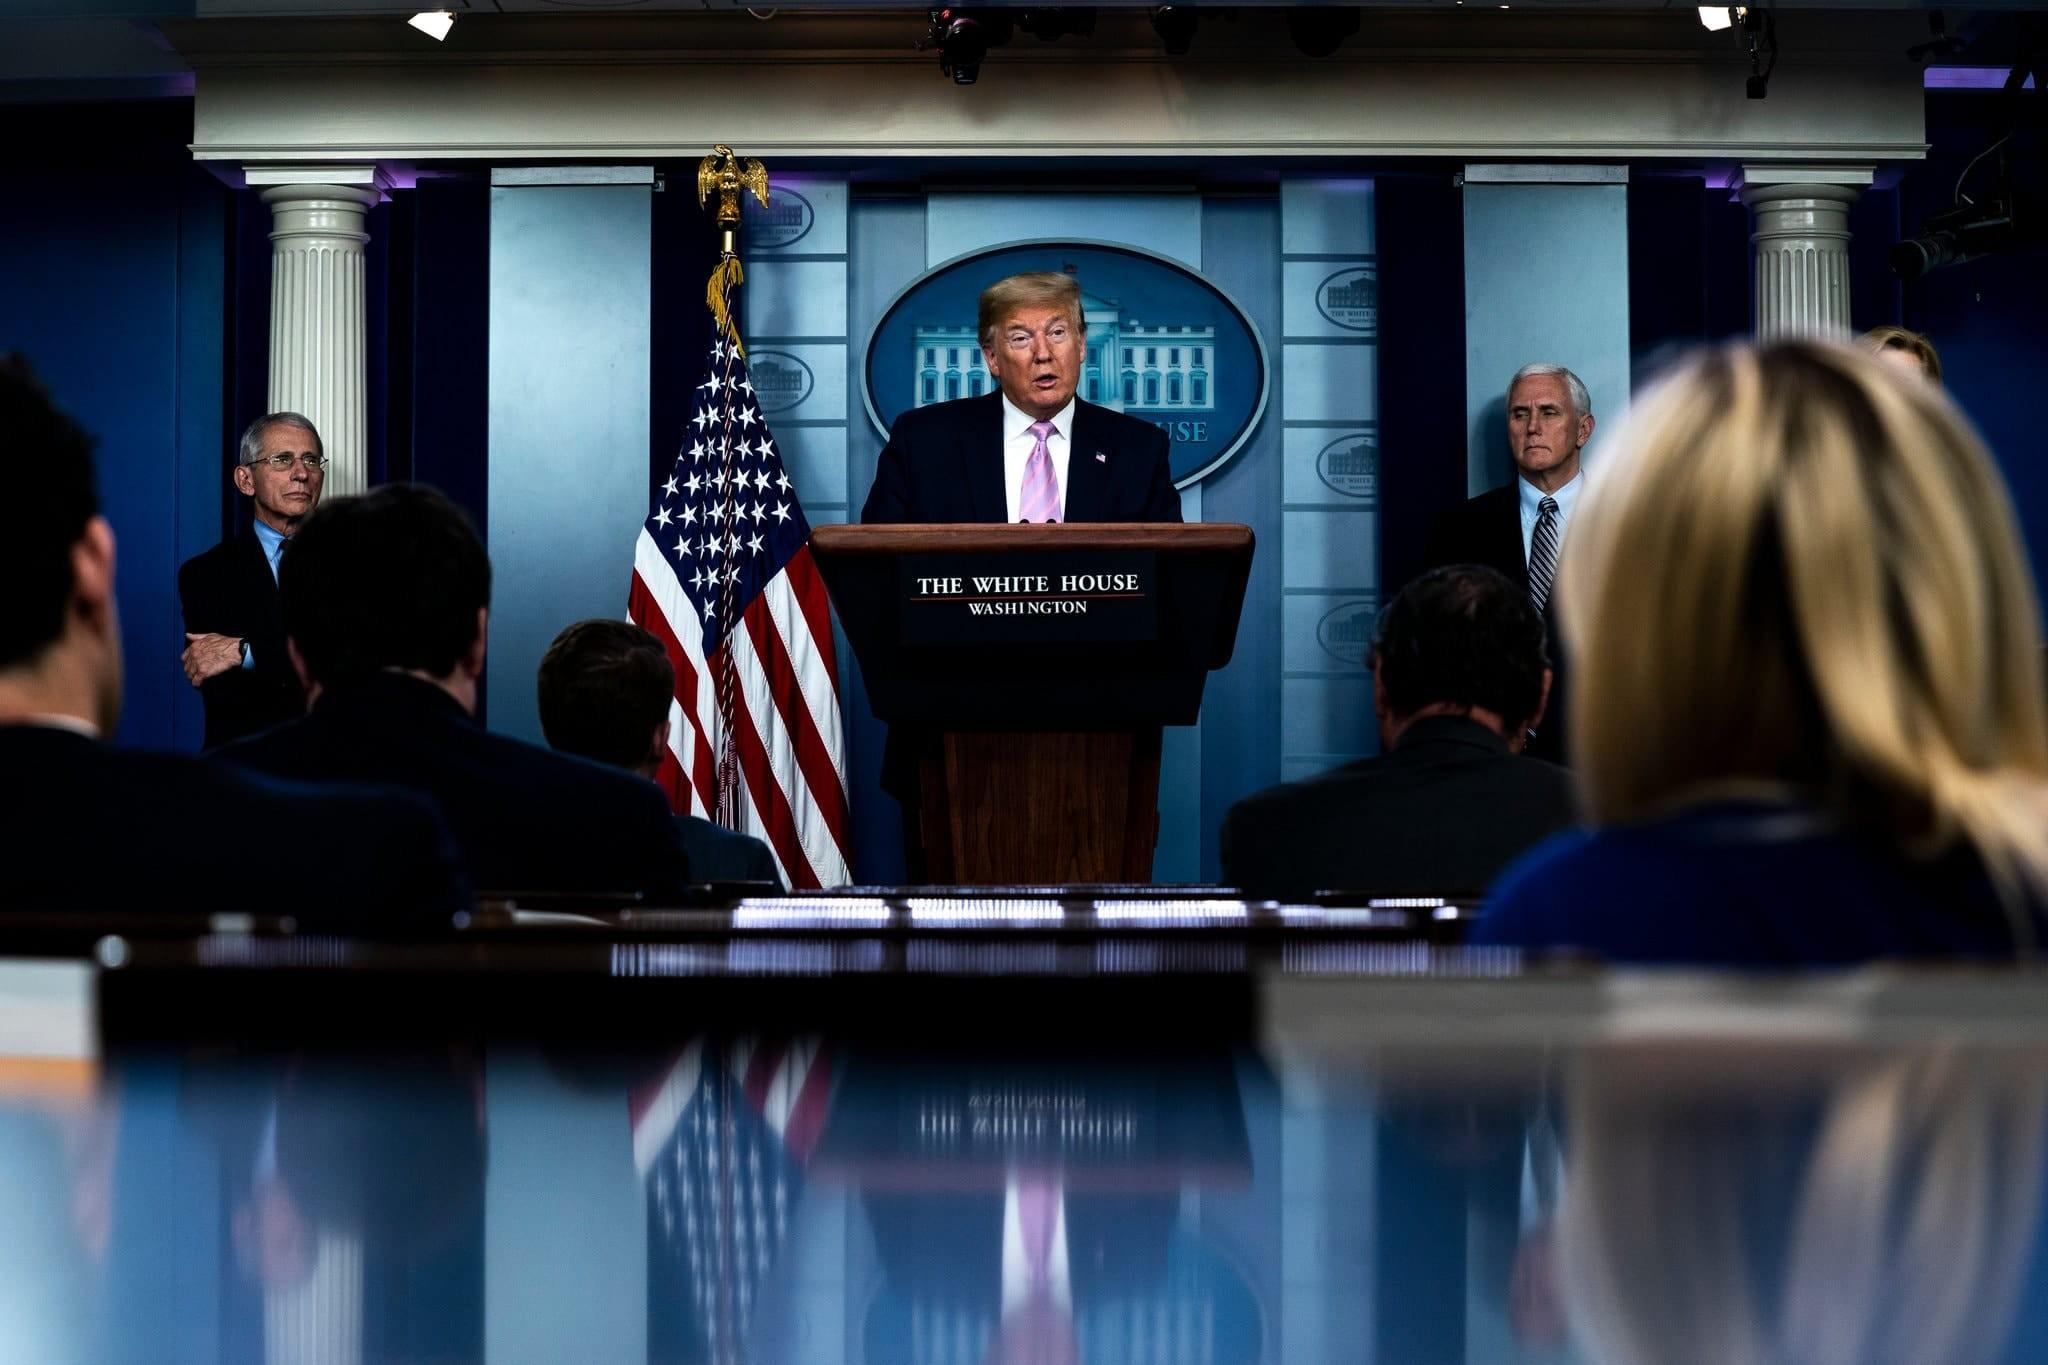 आउँदा दिनमा अमेरिकामा धेरैको मृत्यु हुनसक्छः राष्ट्रपति ट्रम्प